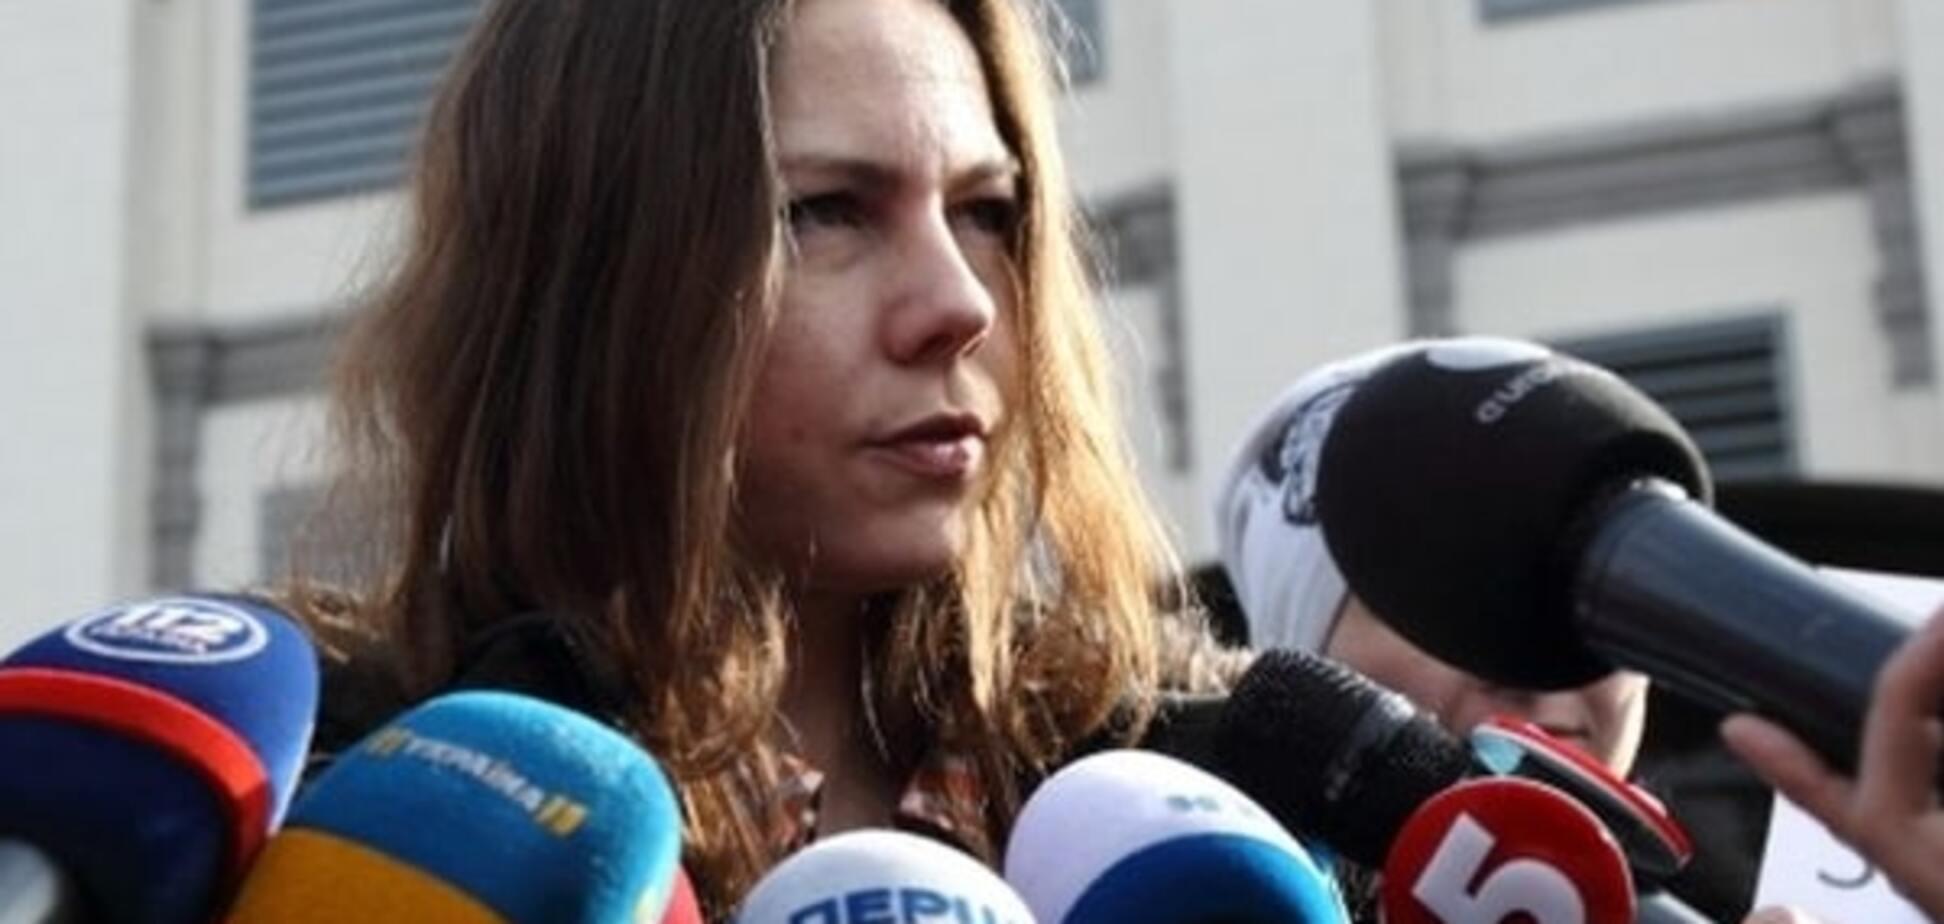 Фейгін показав, як судді Савченко 'пожартували' над сестрою льотчиці